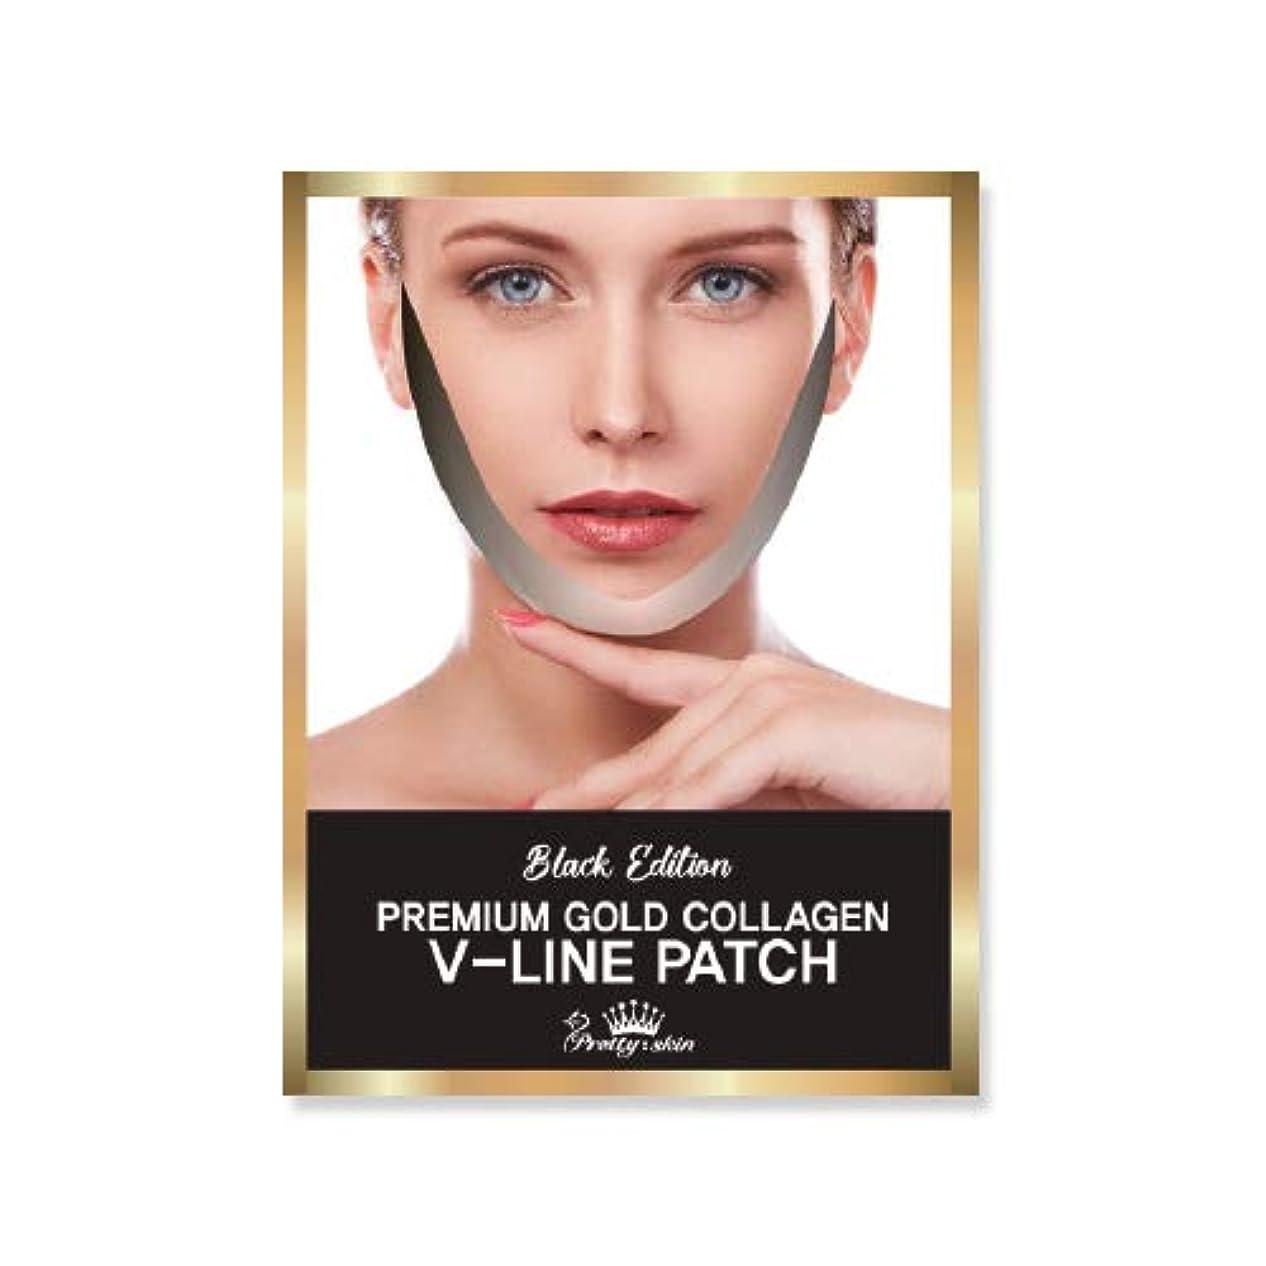 信頼前置詞レインコートpretty skin プリティスキン V-LINE PATCH ブイラインパッチ リフトアップ マスク (5枚組, ブラック)